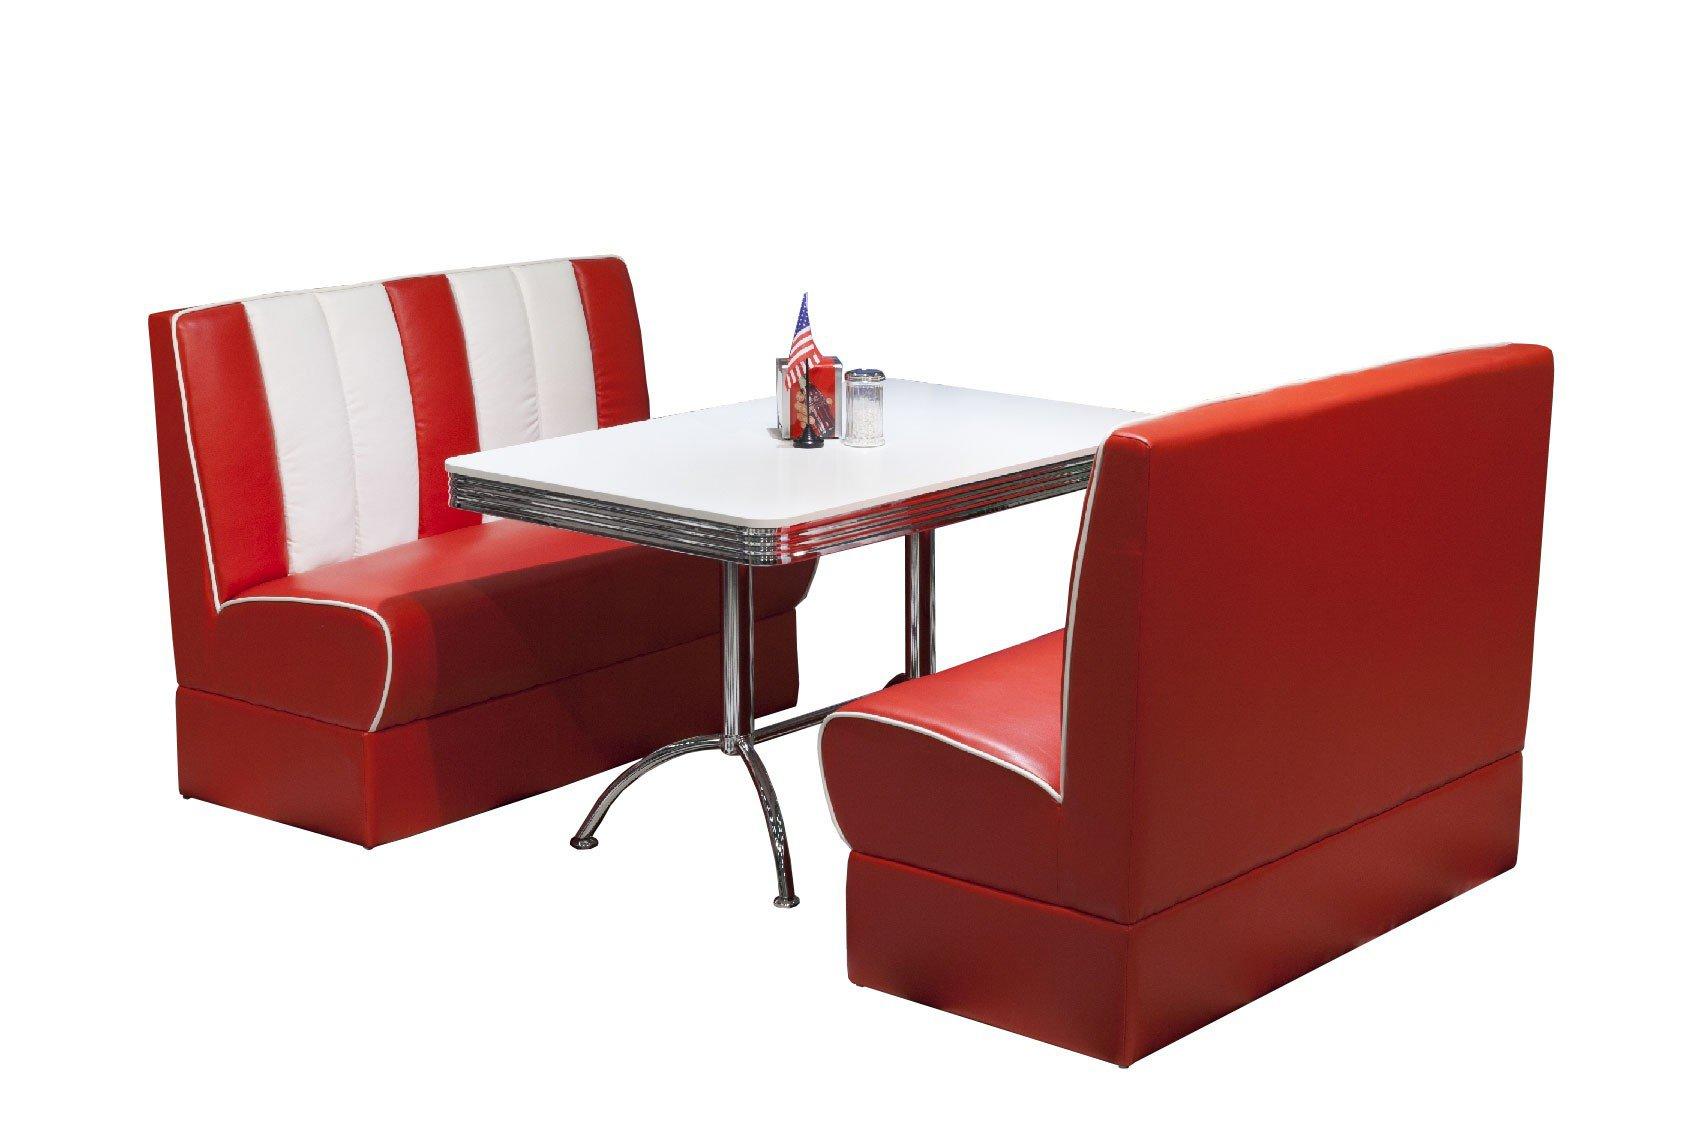 american diner esszimmer in rot wei von top form m bel letz ihr online shop. Black Bedroom Furniture Sets. Home Design Ideas